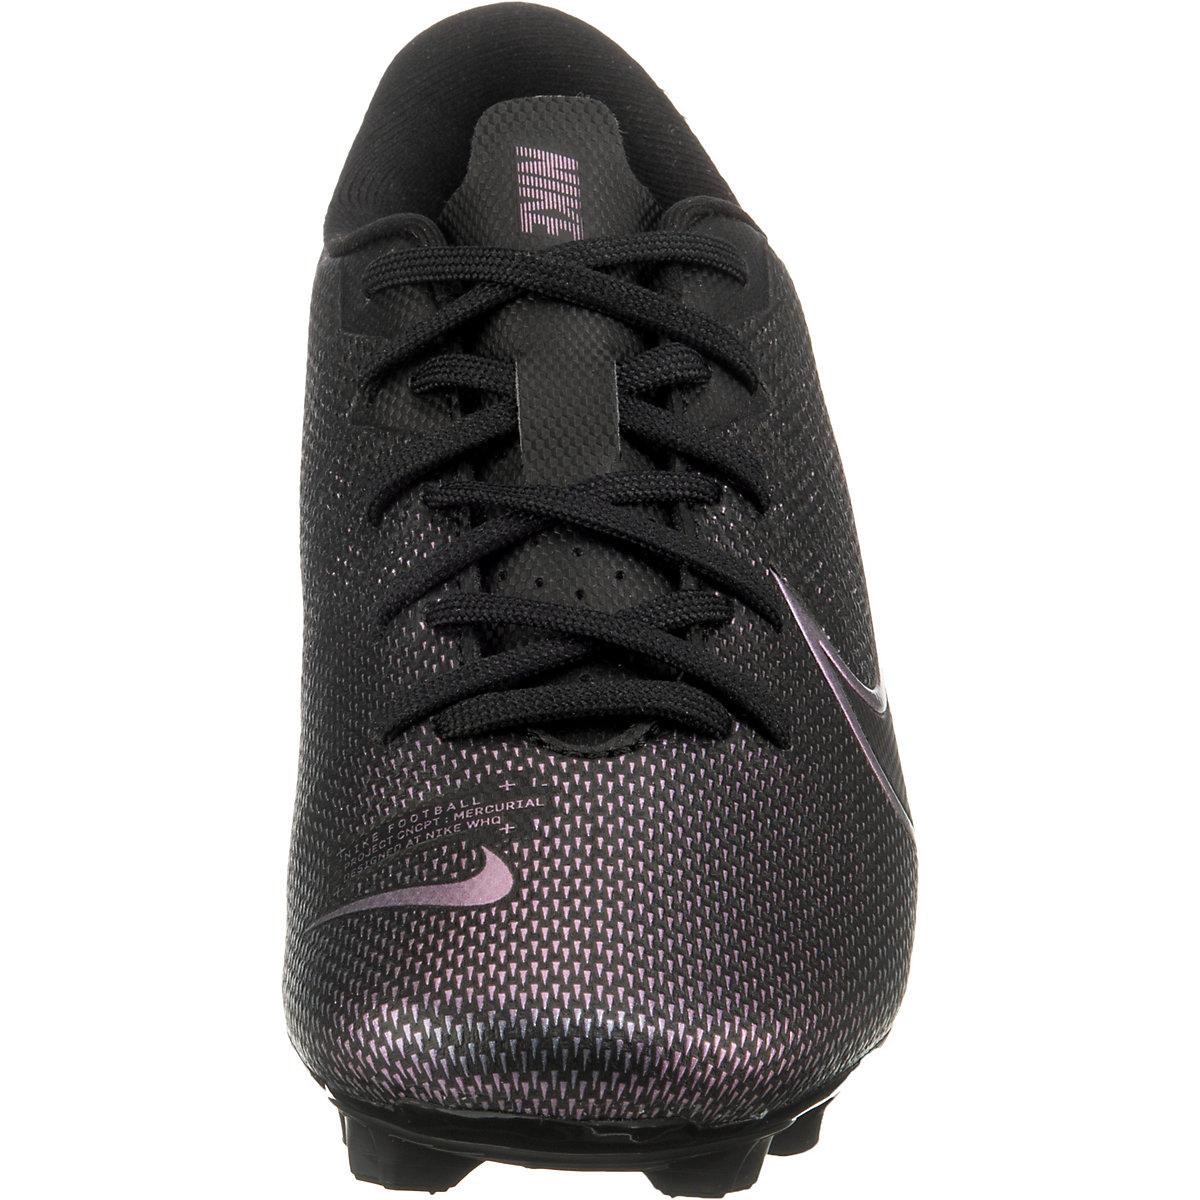 Nike Performance, Fußballschuhe Nocke Vapor 13 Academy Für Jungen, Schwarz